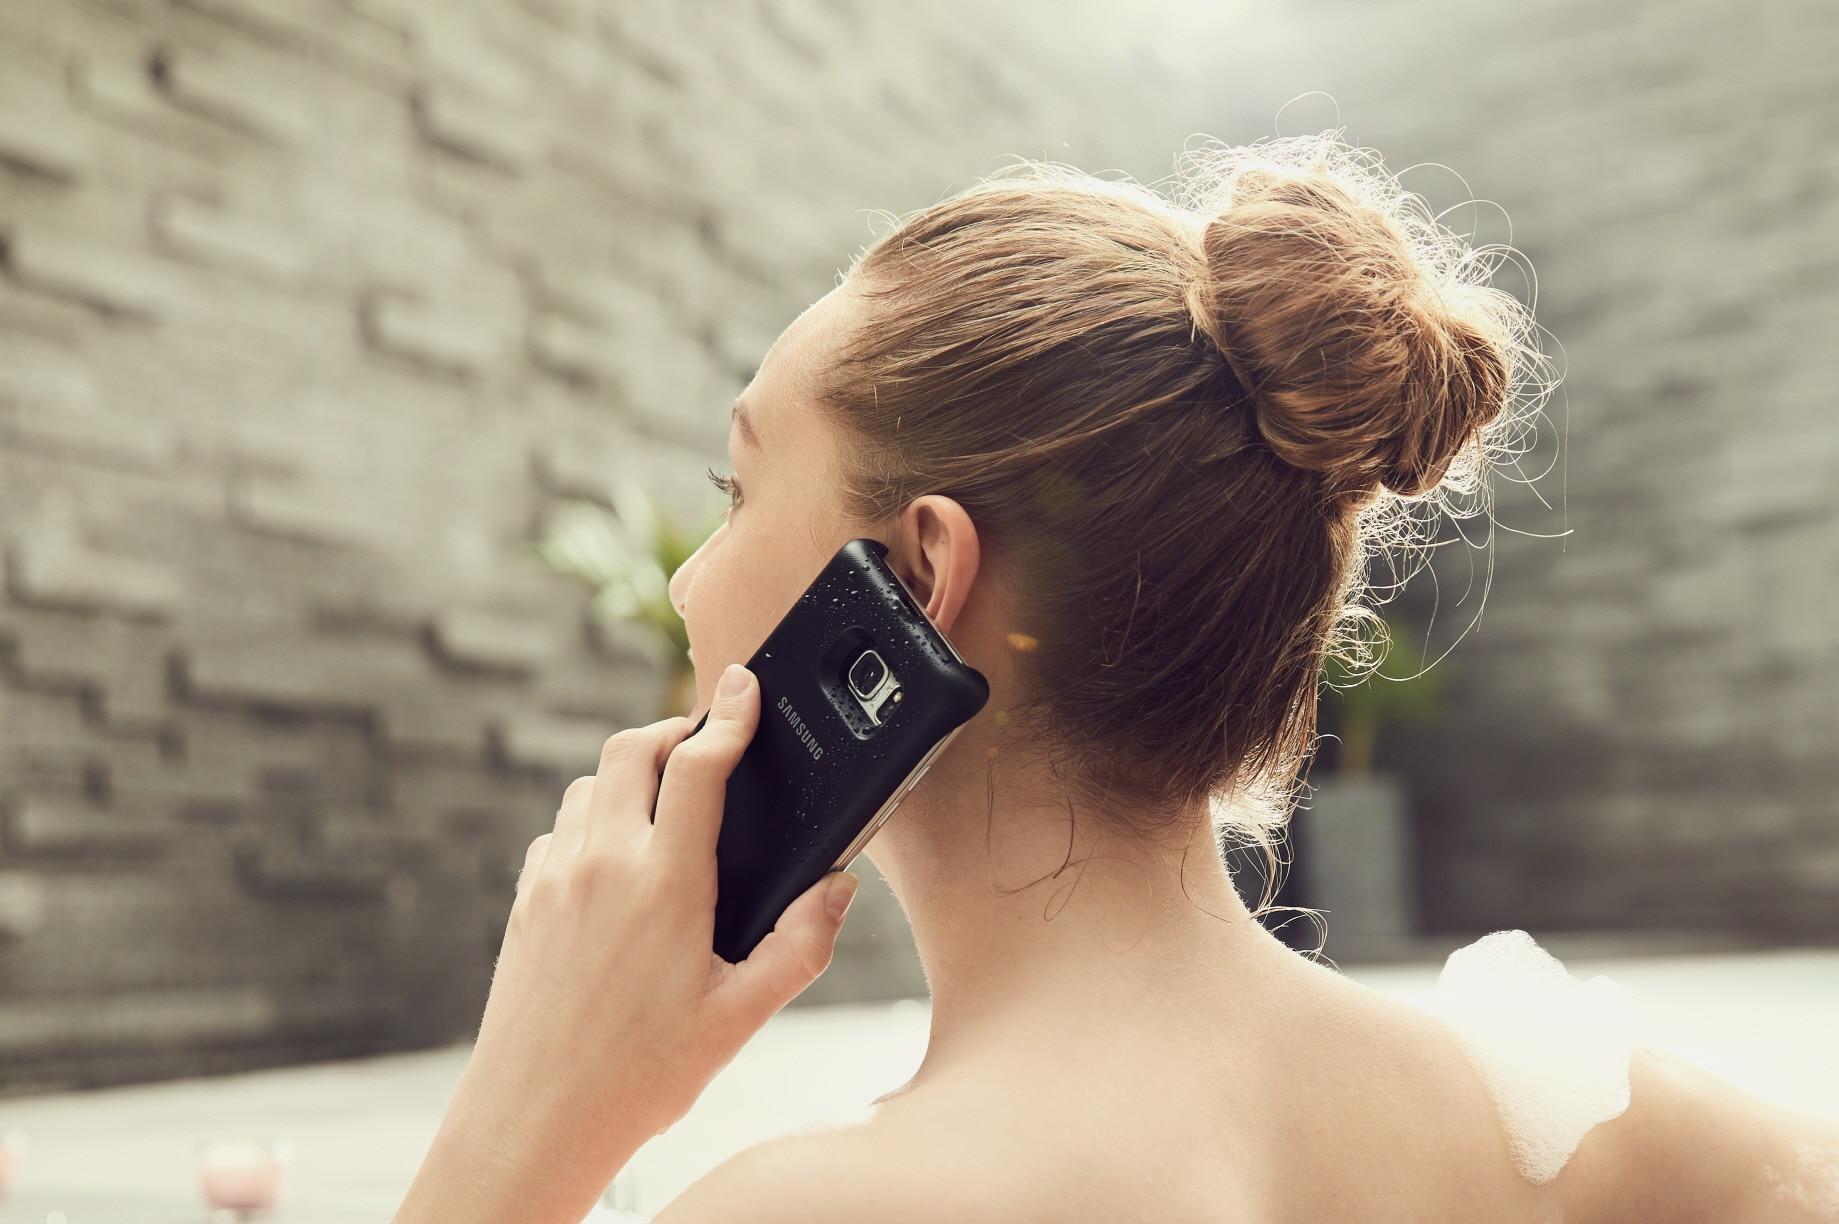 Photo of Samsung Galaxy Note7: Akkuexplosionen, Verkaufsstopp und Umtausch